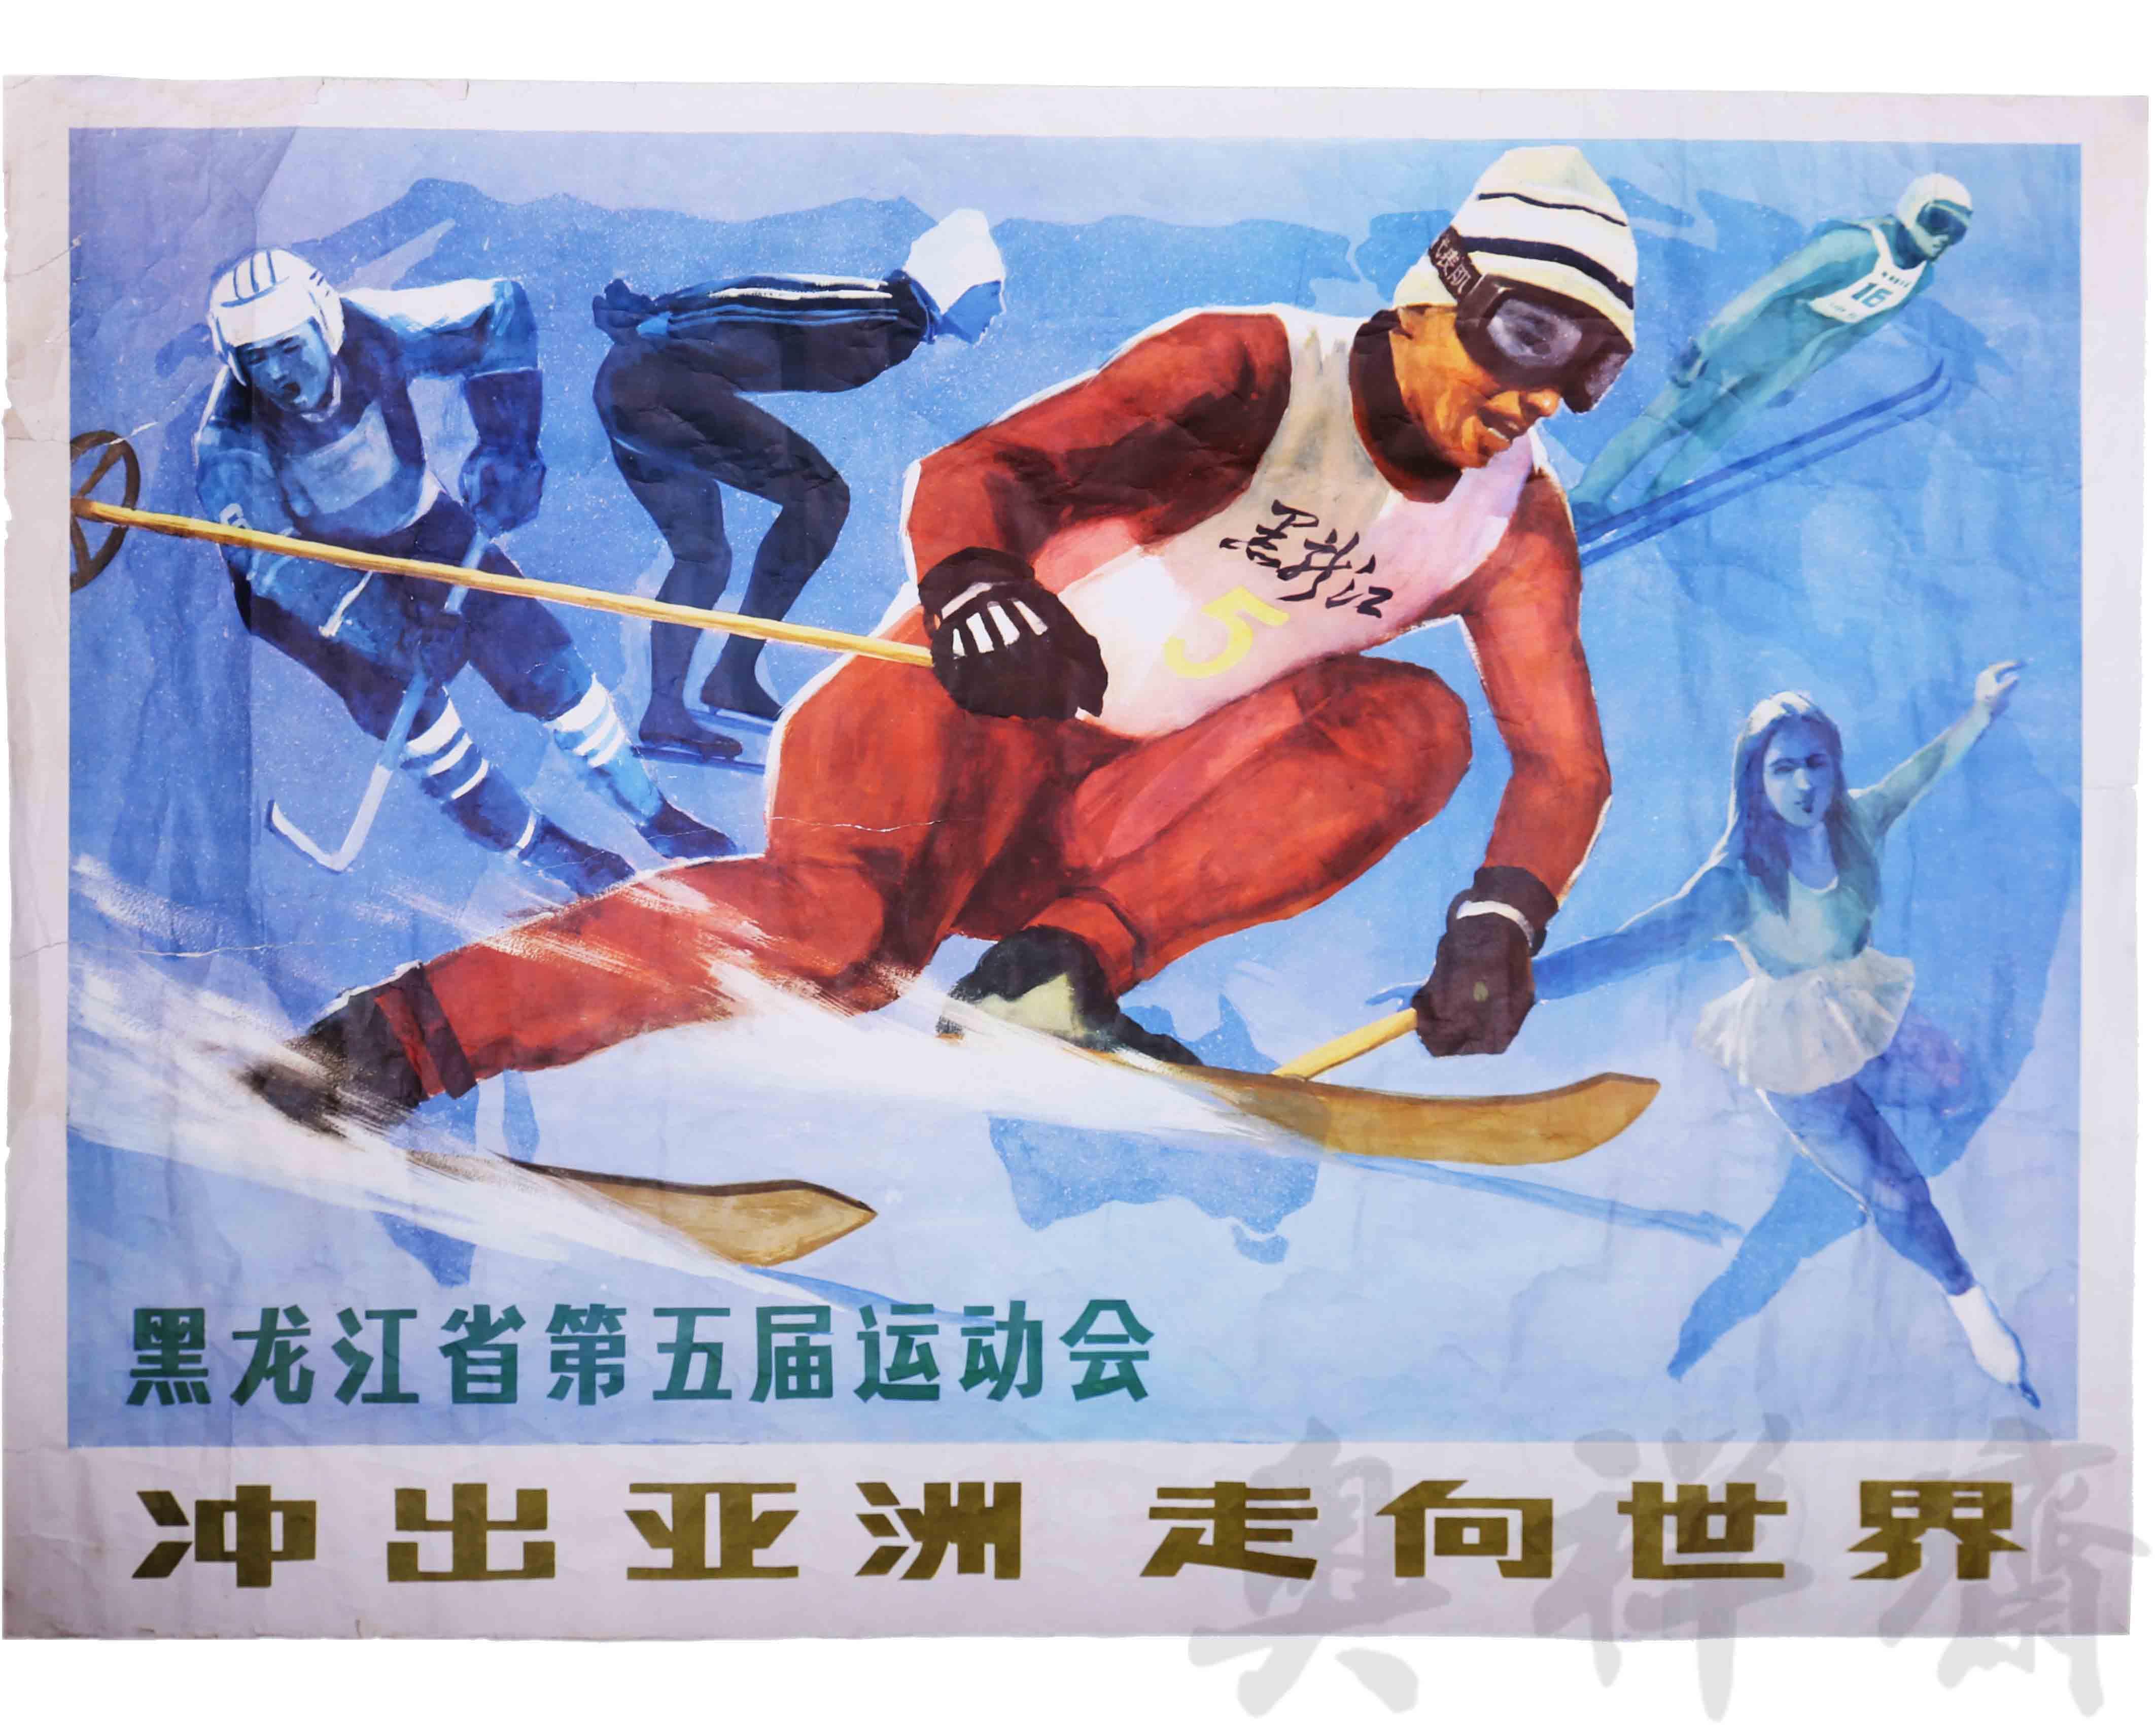 宣传画,体育文献,收藏李祥,体育收藏,奥运收藏,冰雪收藏,体育博物馆,民国体育,古代体育,体育老照片,体育资料